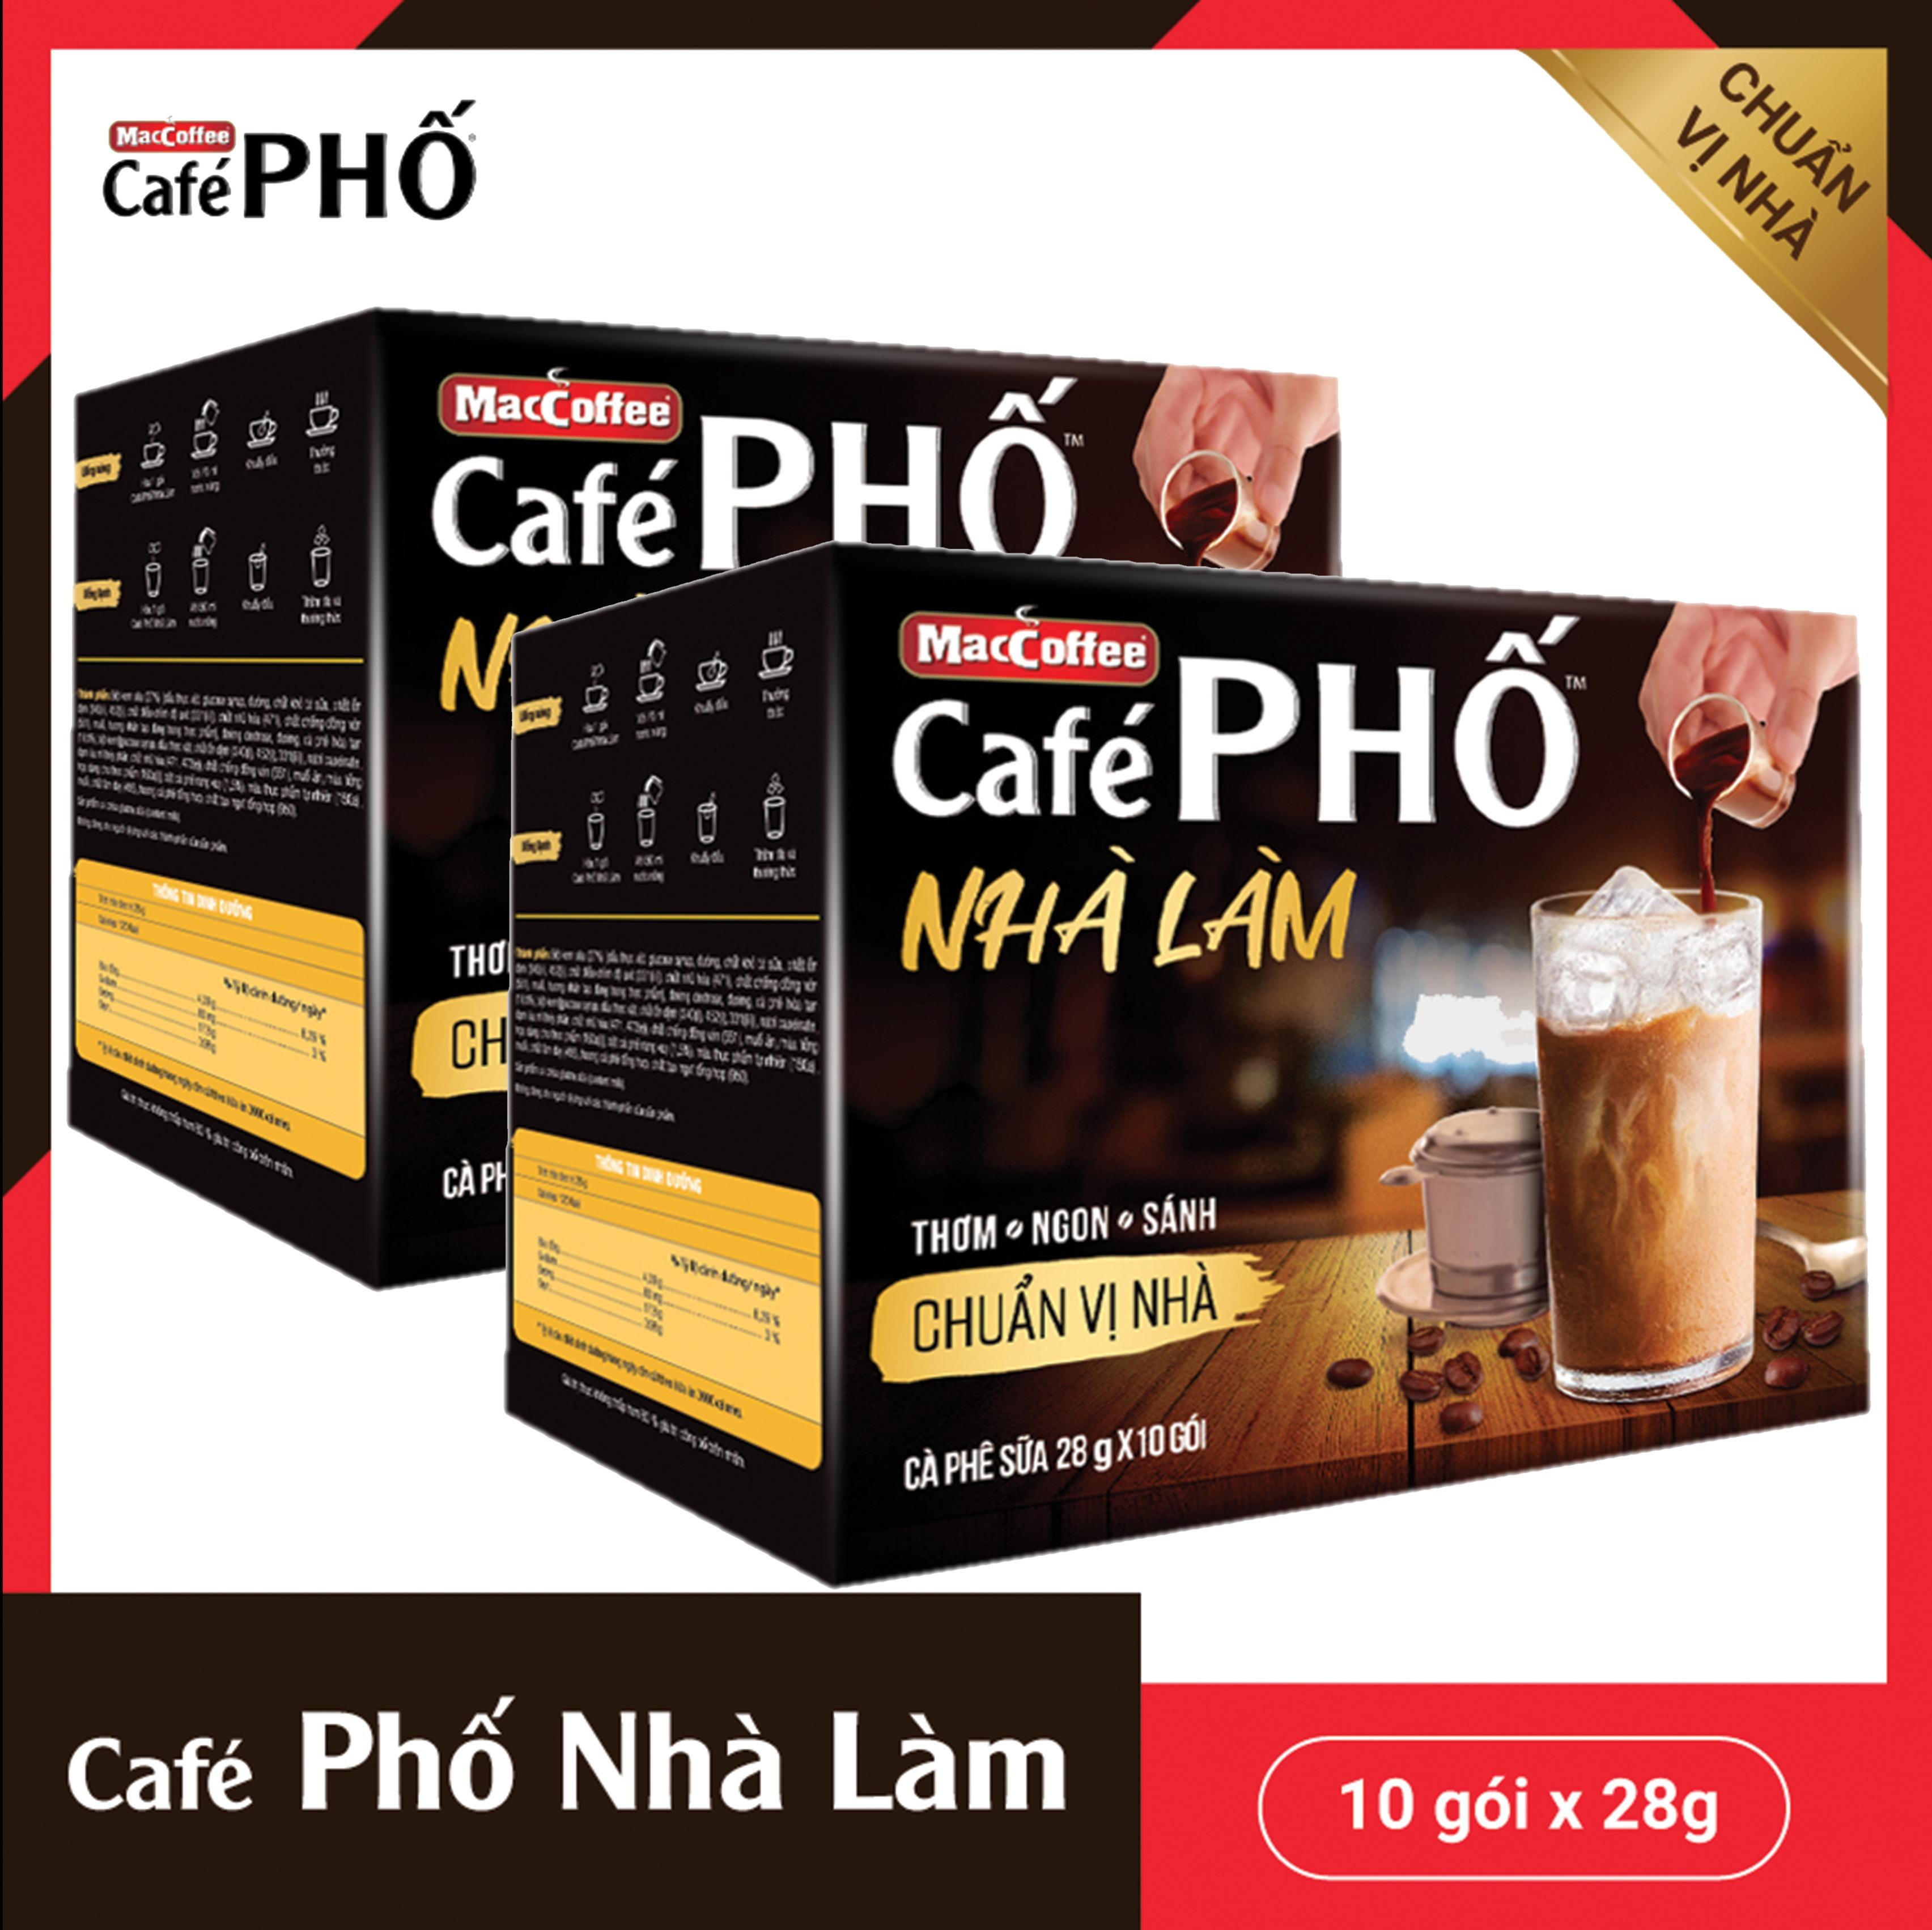 Combo x 2 hộp MacCoffee CaféPHỐ nhà làm 280g thơm ngon, đậm vị, hàng chính hãng đảm bảo chất lượng,...